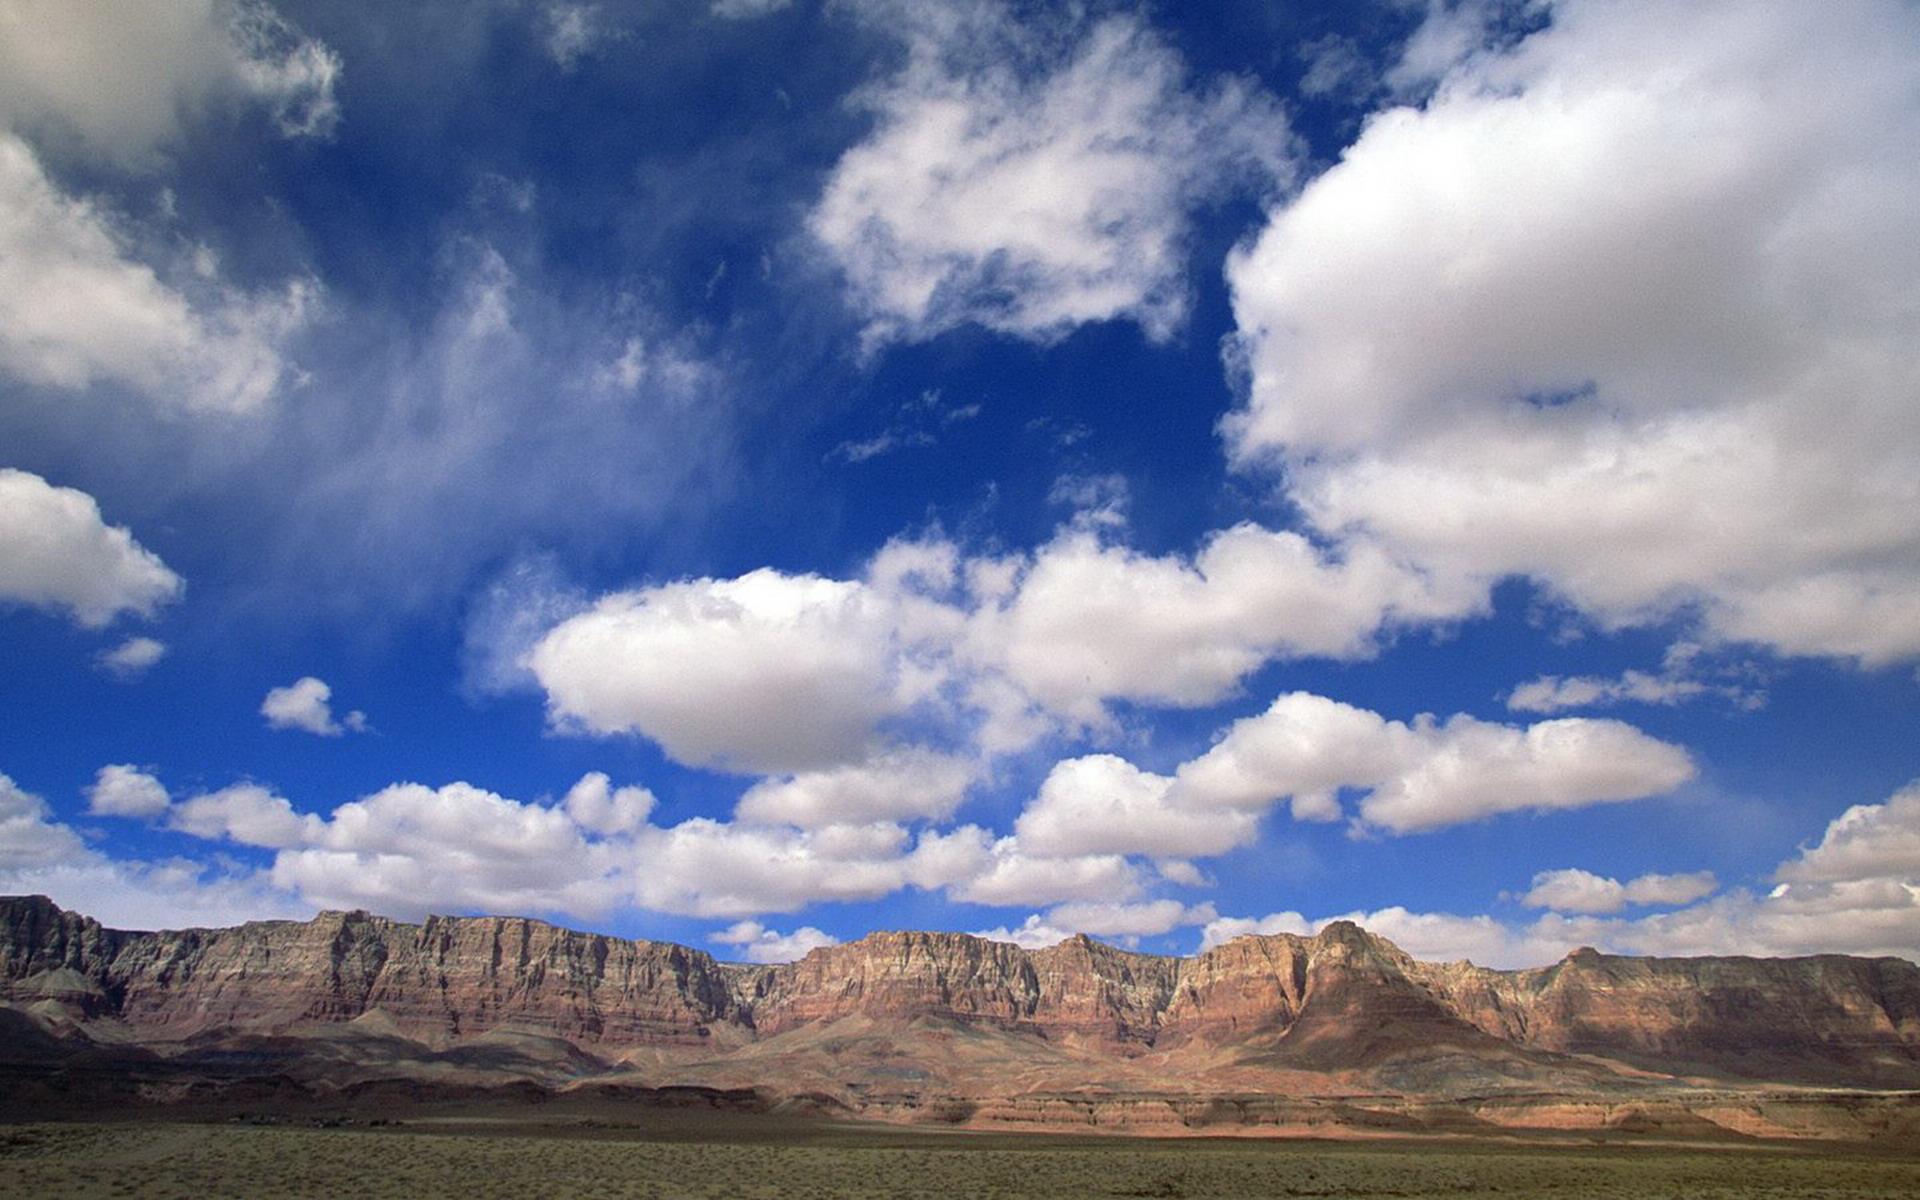 24寸宽地球自然风景2 壁纸 桌面壁纸 www.deskcar.com 专业桌面壁纸下载站, 多分辨率桌面壁纸, 宽屏壁纸